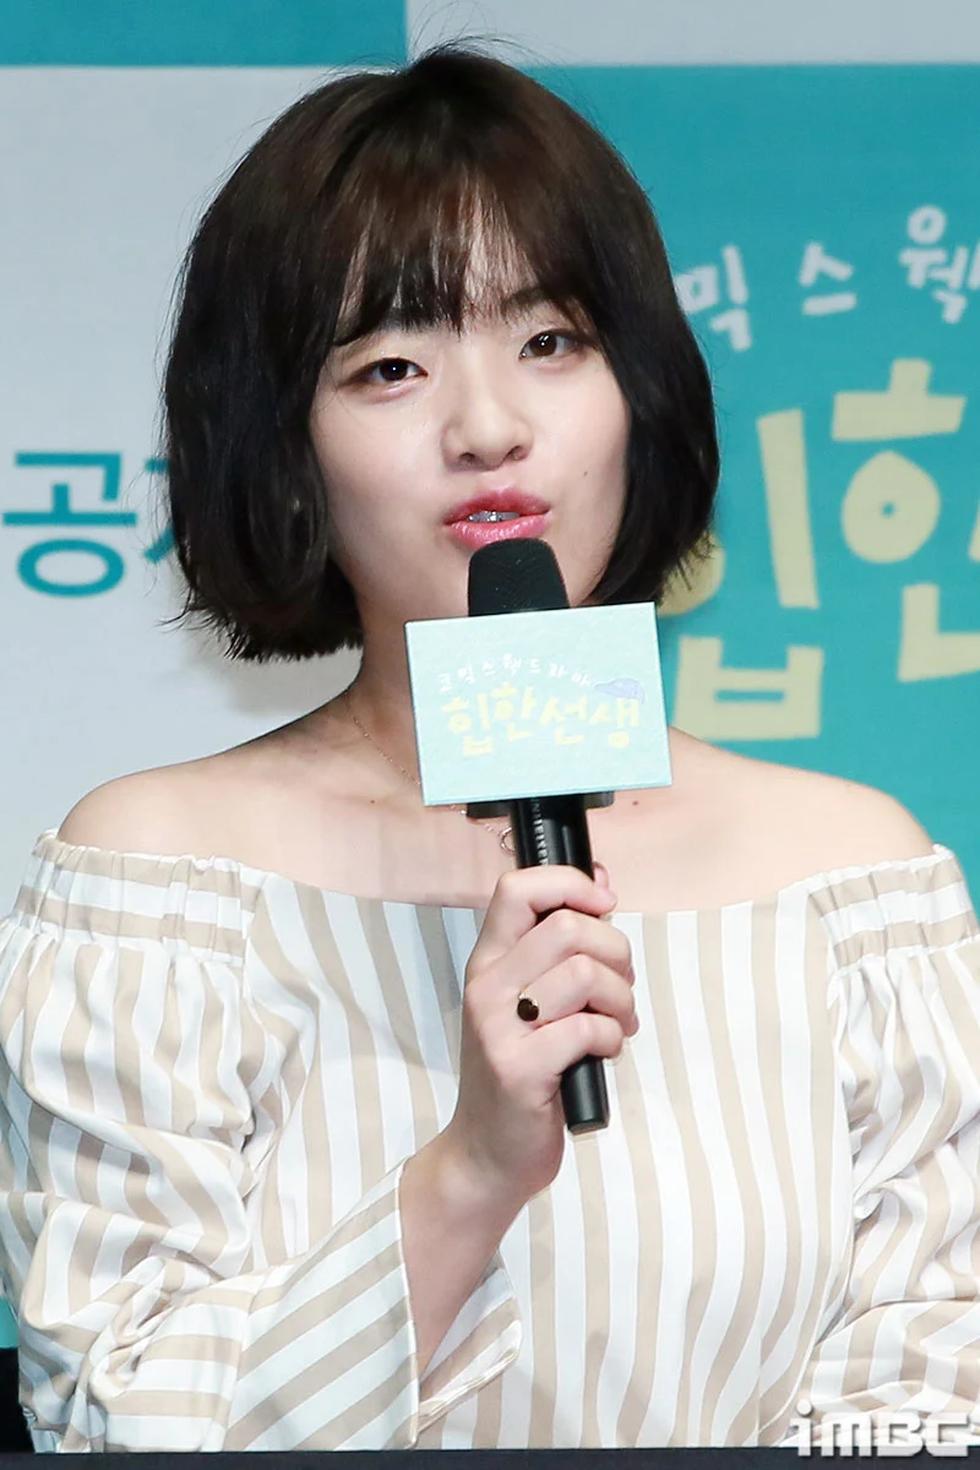 Vì nạn nhân bị lạm dụng tình dục, sao Hàn ủng hộ #MeToo - Ảnh 6.